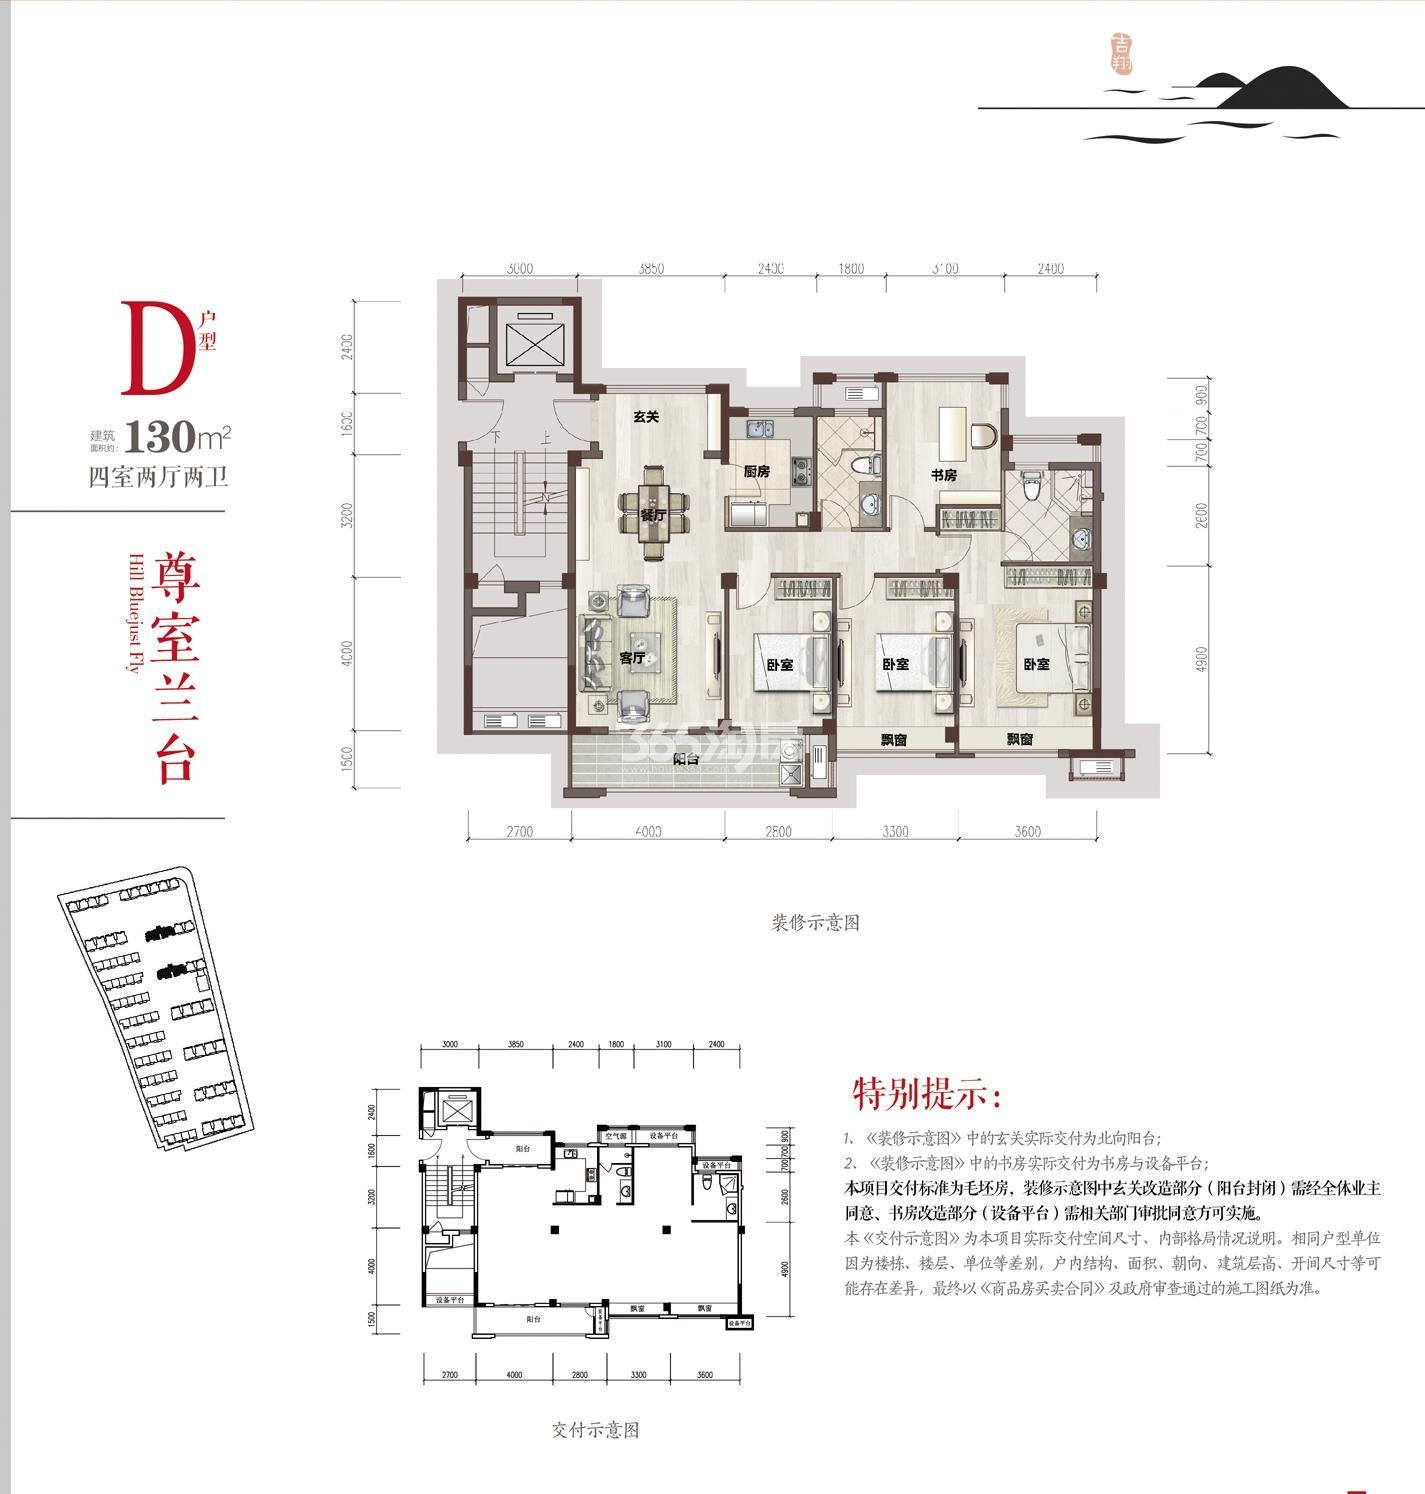 吉翔·澜山公馆户型D